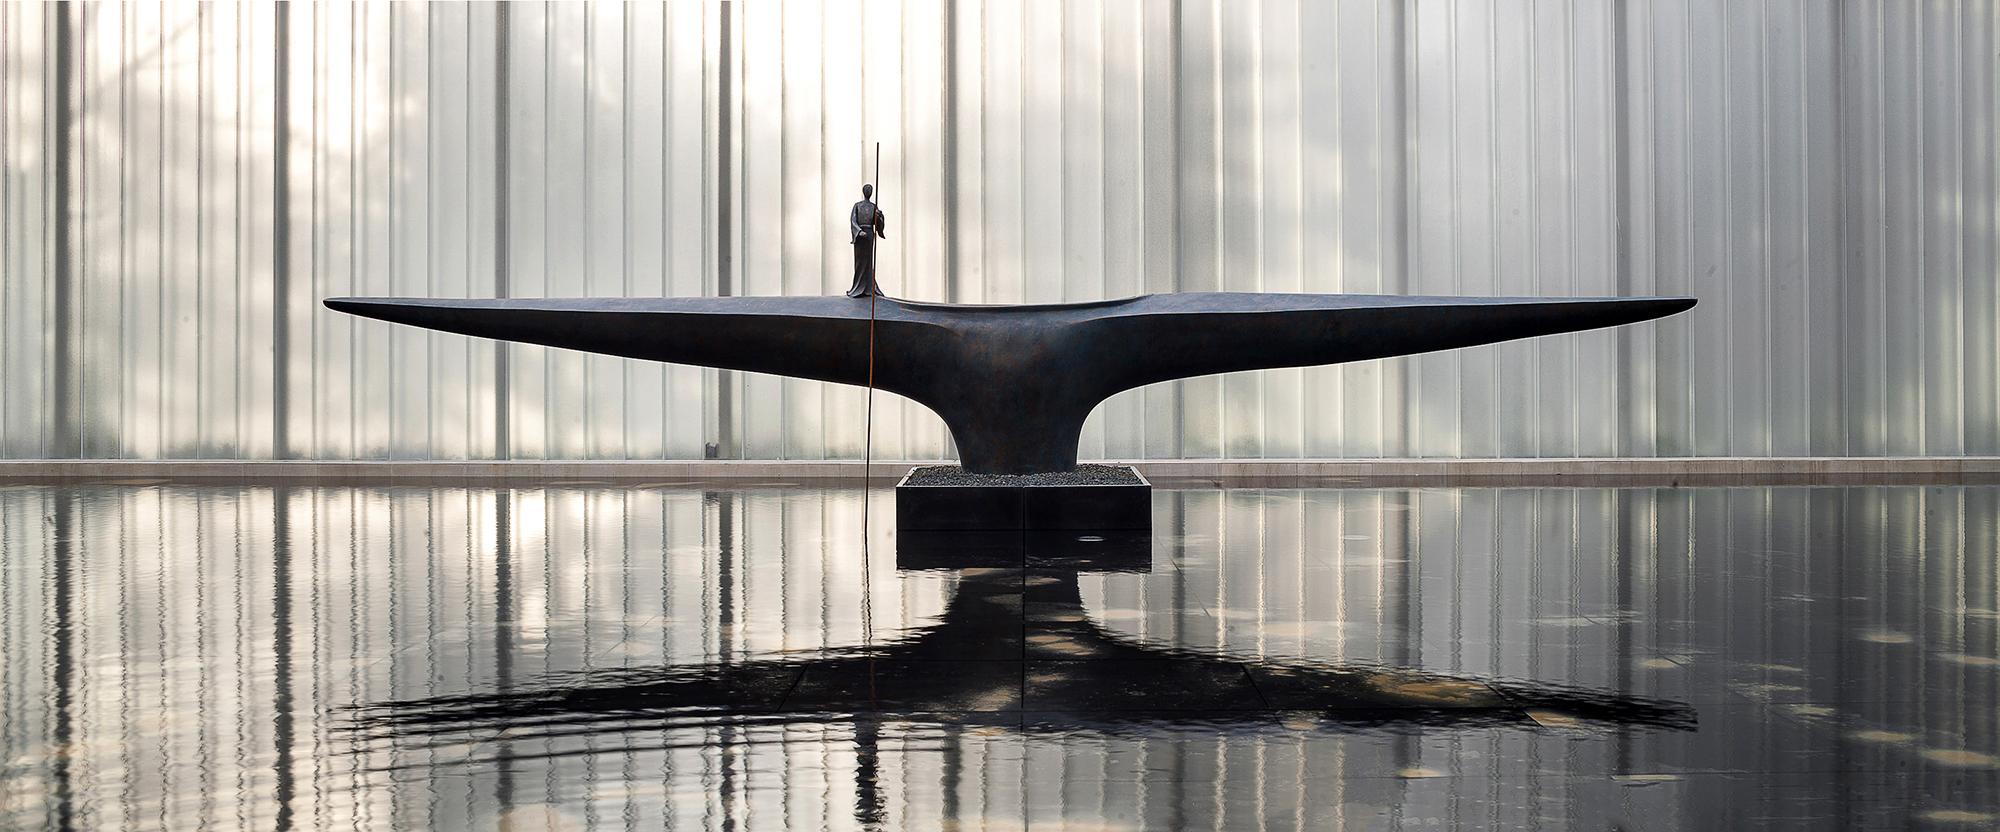 江苏张家港中南湖悦天境售楼处室内设计/大观自成室内设计